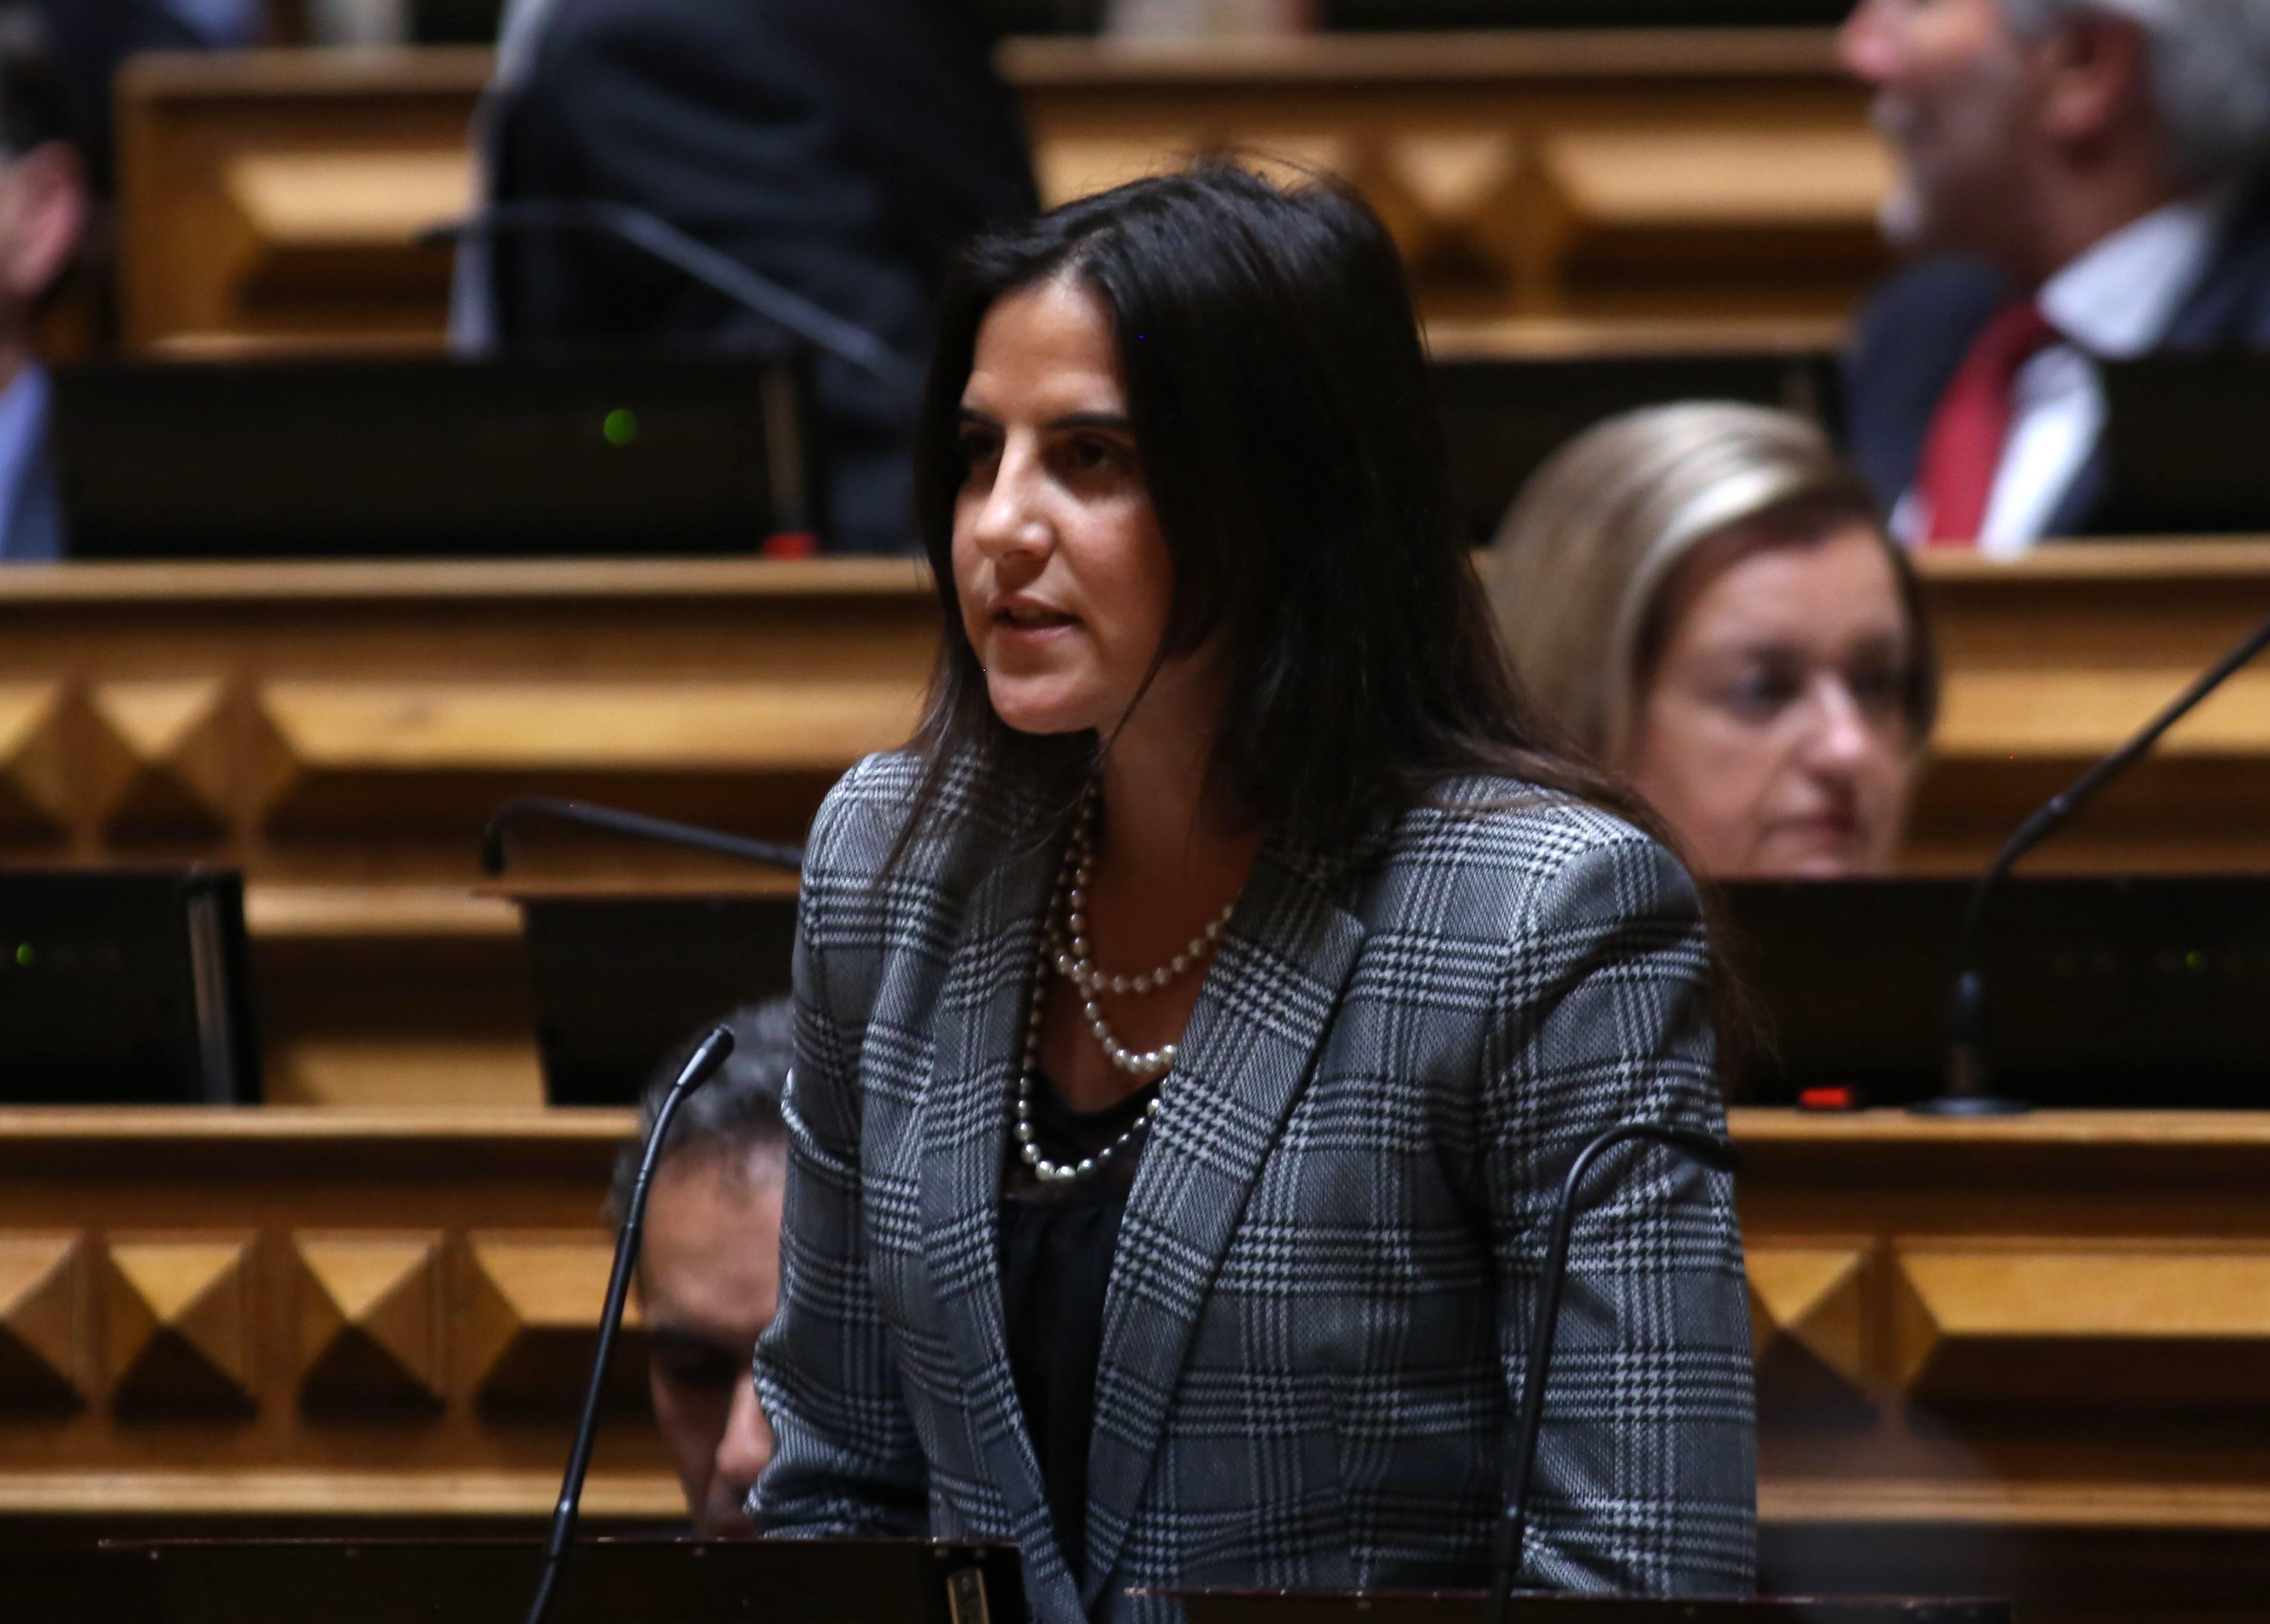 Acordo de cooperação entre a Europa e a China irá proteger Queijo de São Jorge, afirma Lara Martinho